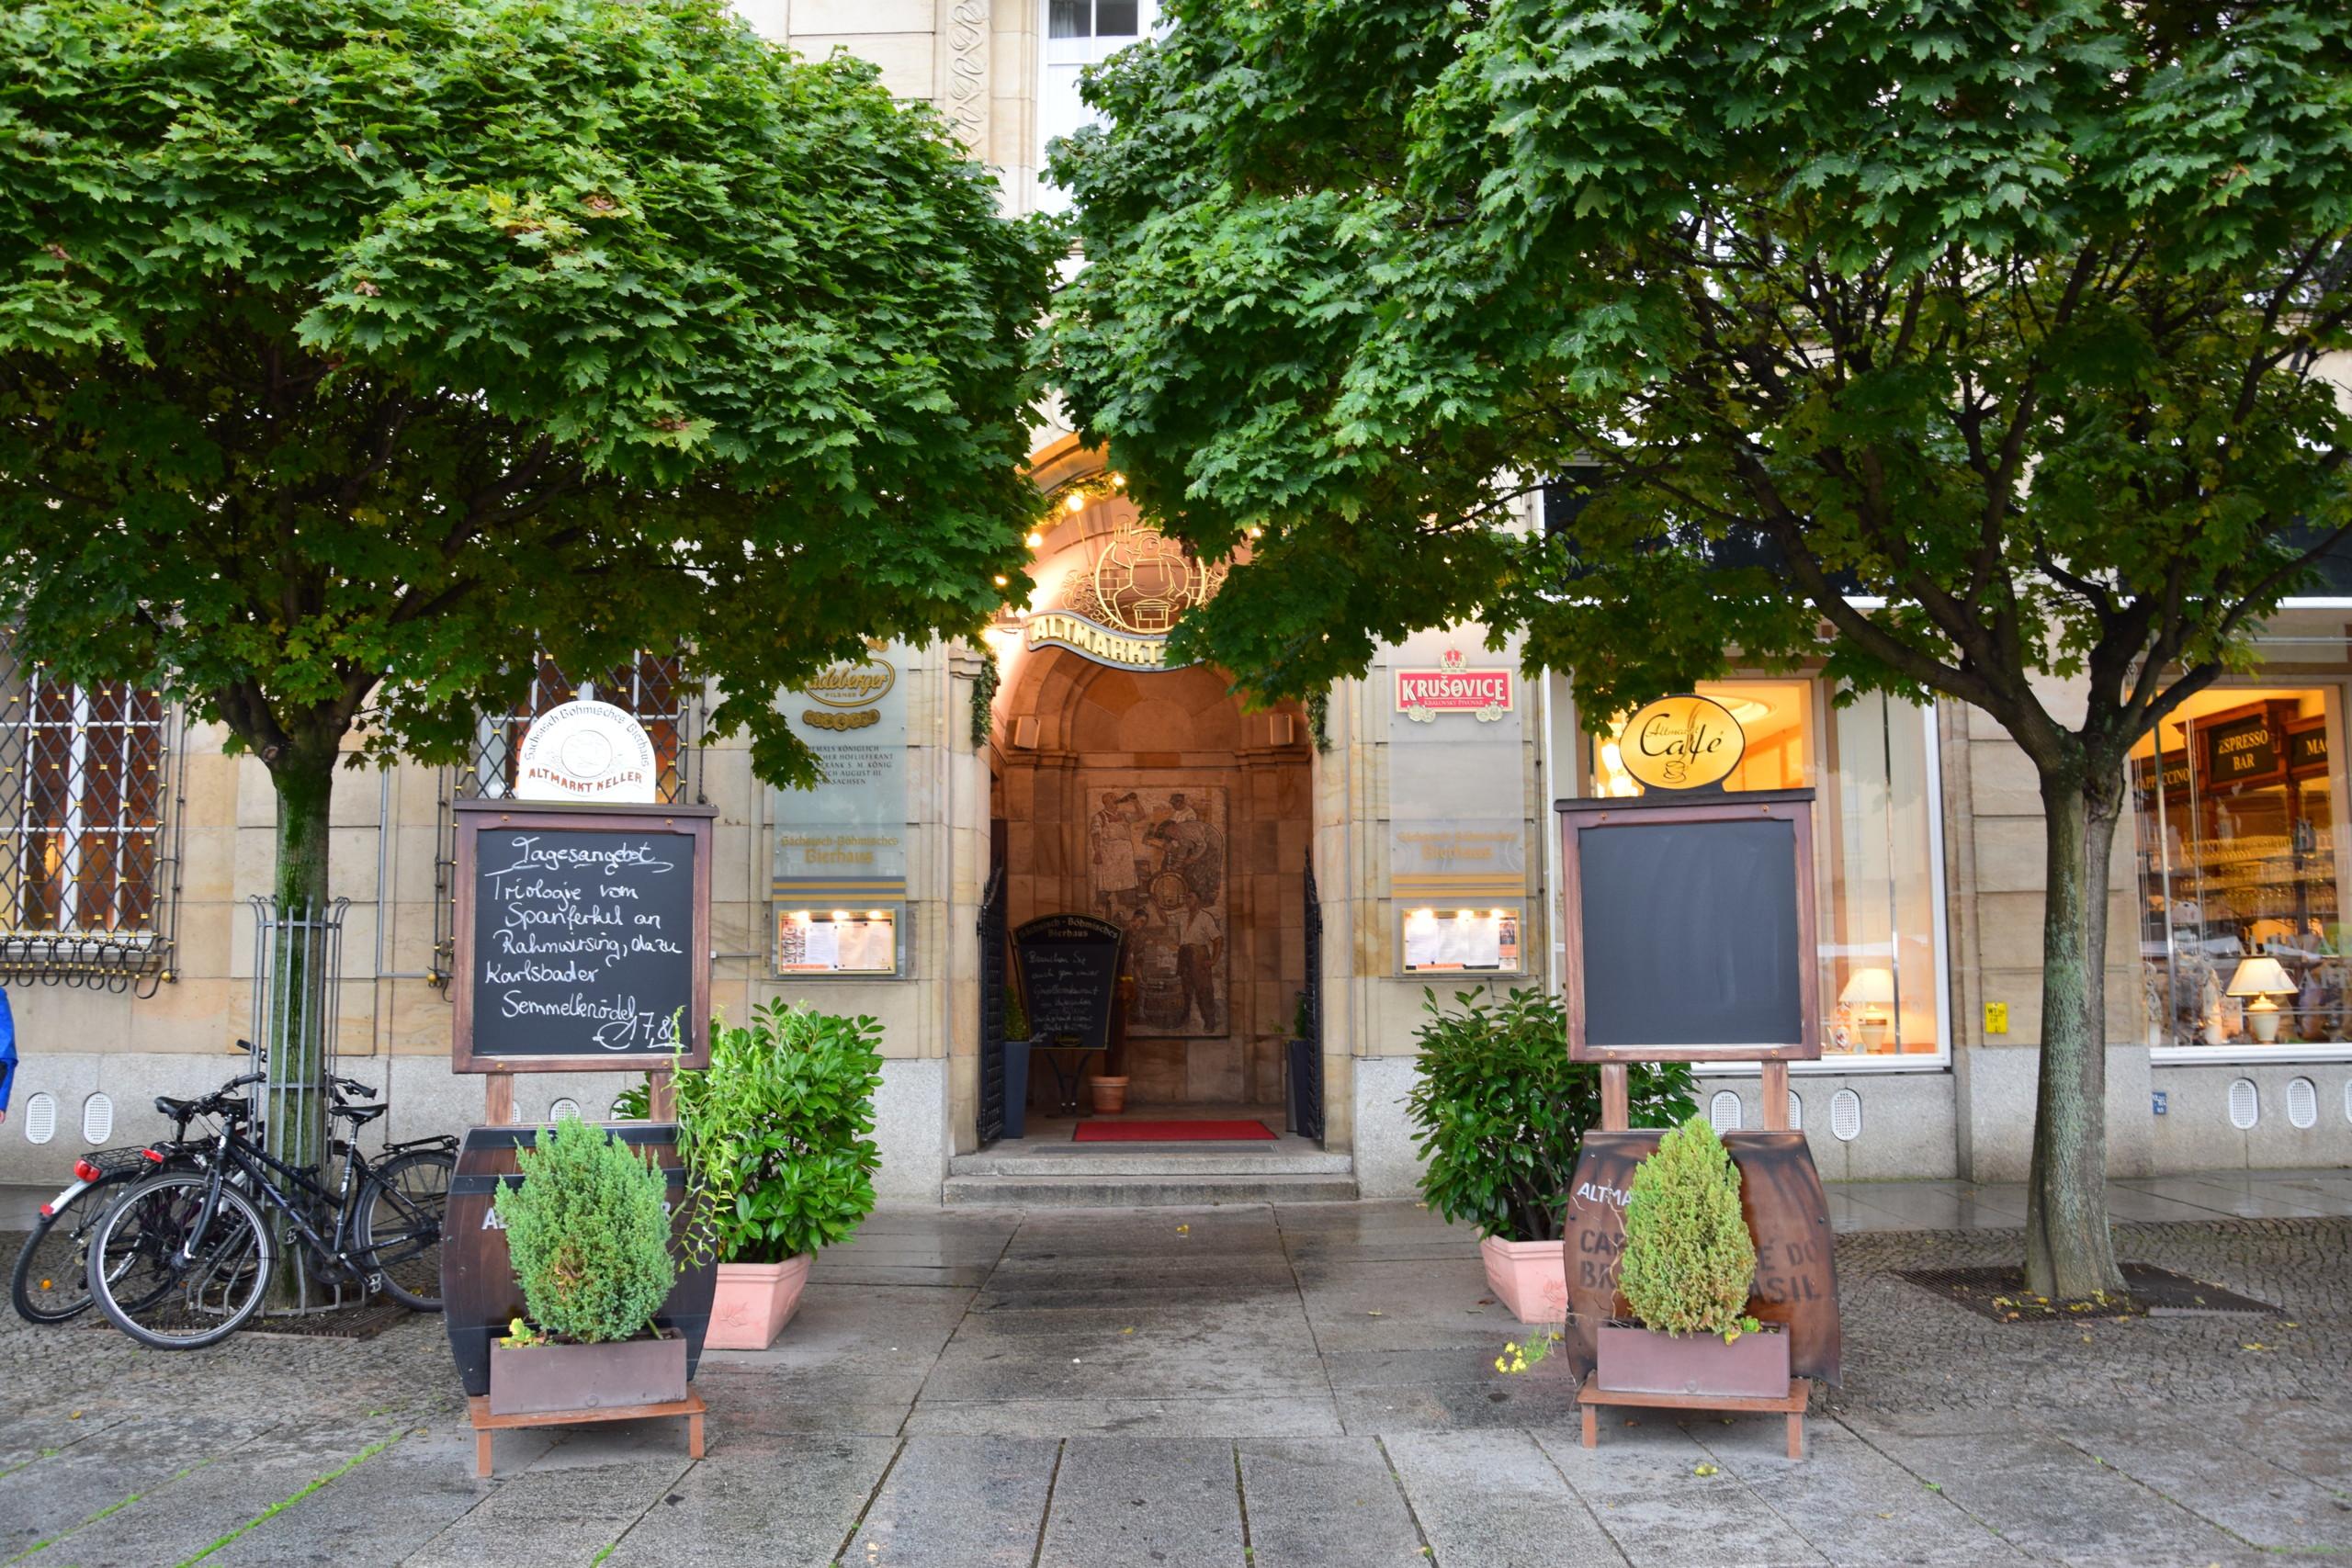 Altmarktkeller Öffnungszeiten, Altmarkt in Dresden | Offen.net